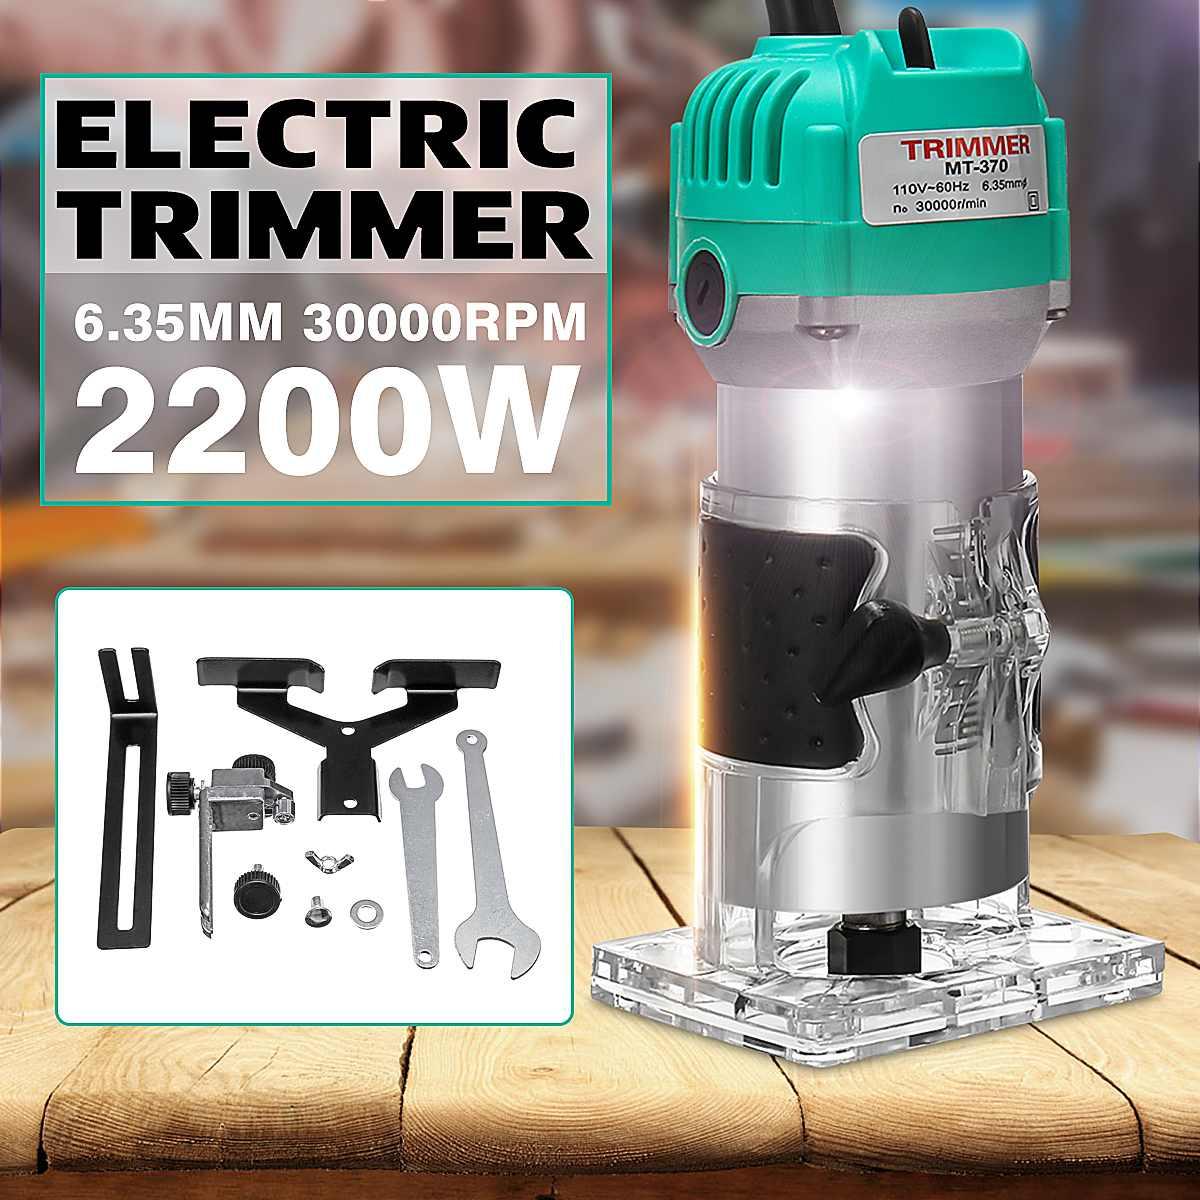 2200W 1/4 Zoll Corded Holz Laminat Router 30000RMP Elektrische Hand Trimmer Holzbearbeitung Werkzeug Mit 60 zoll Kabel